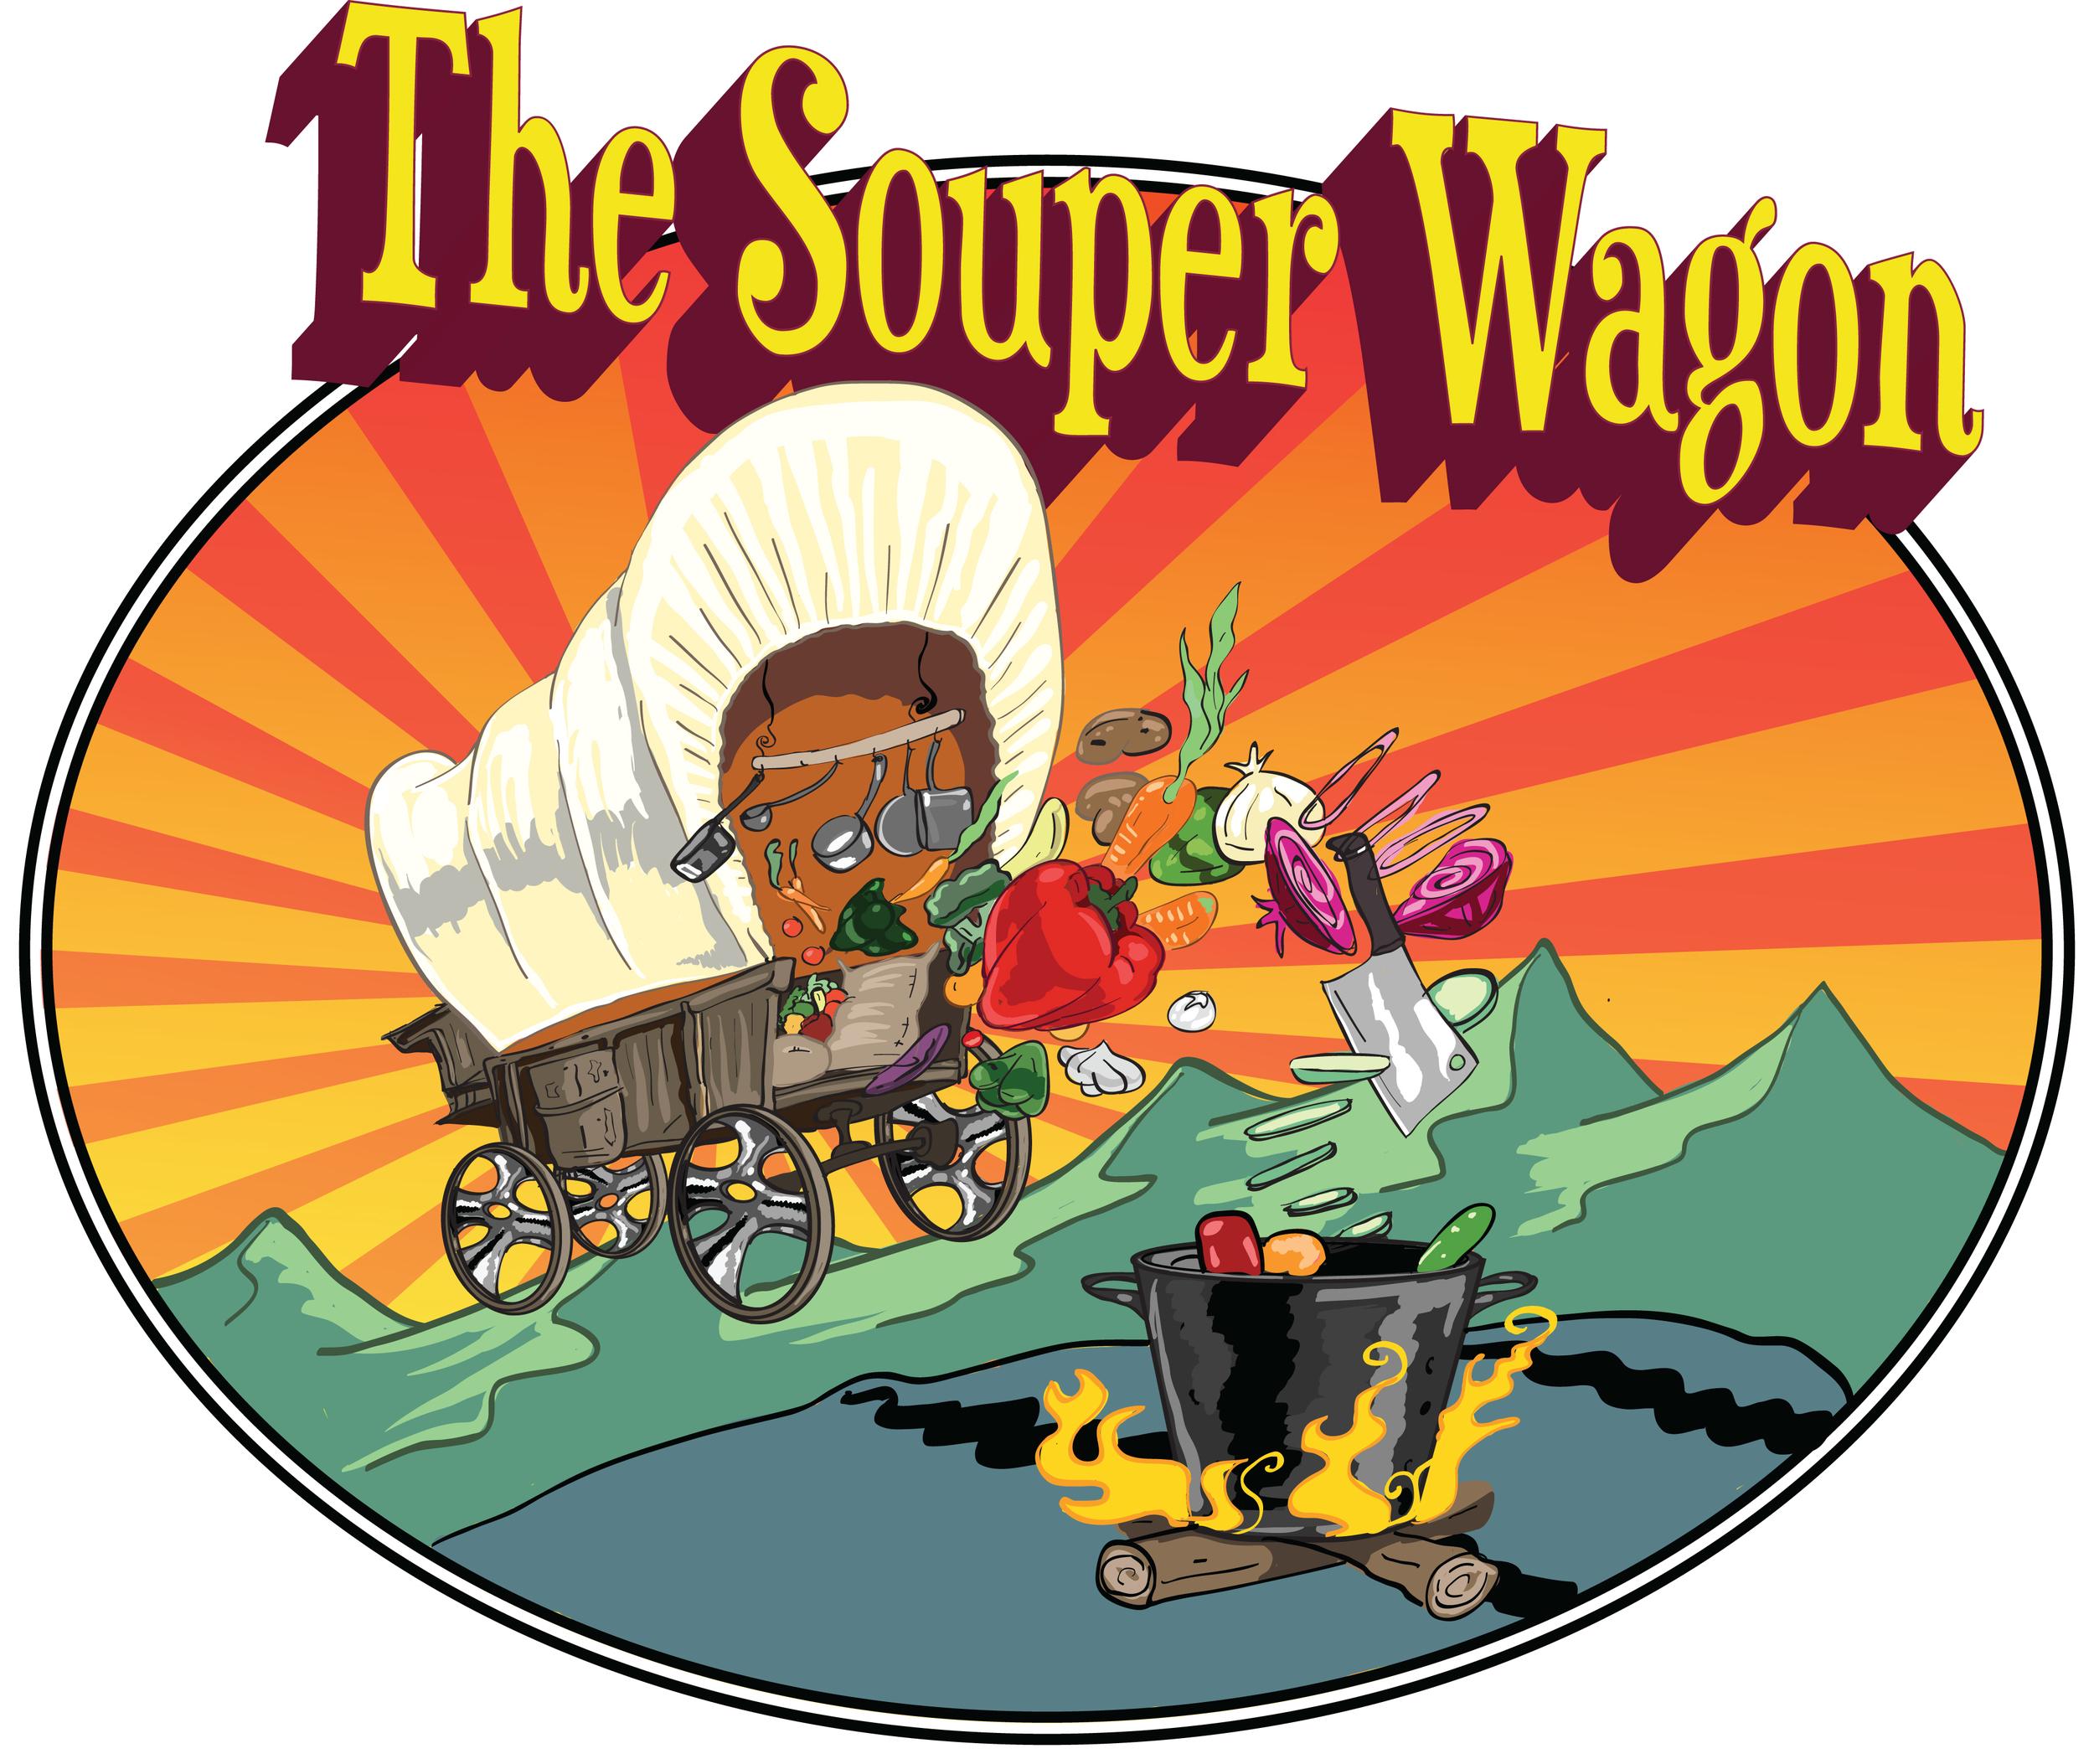 soup wagon final.jpg